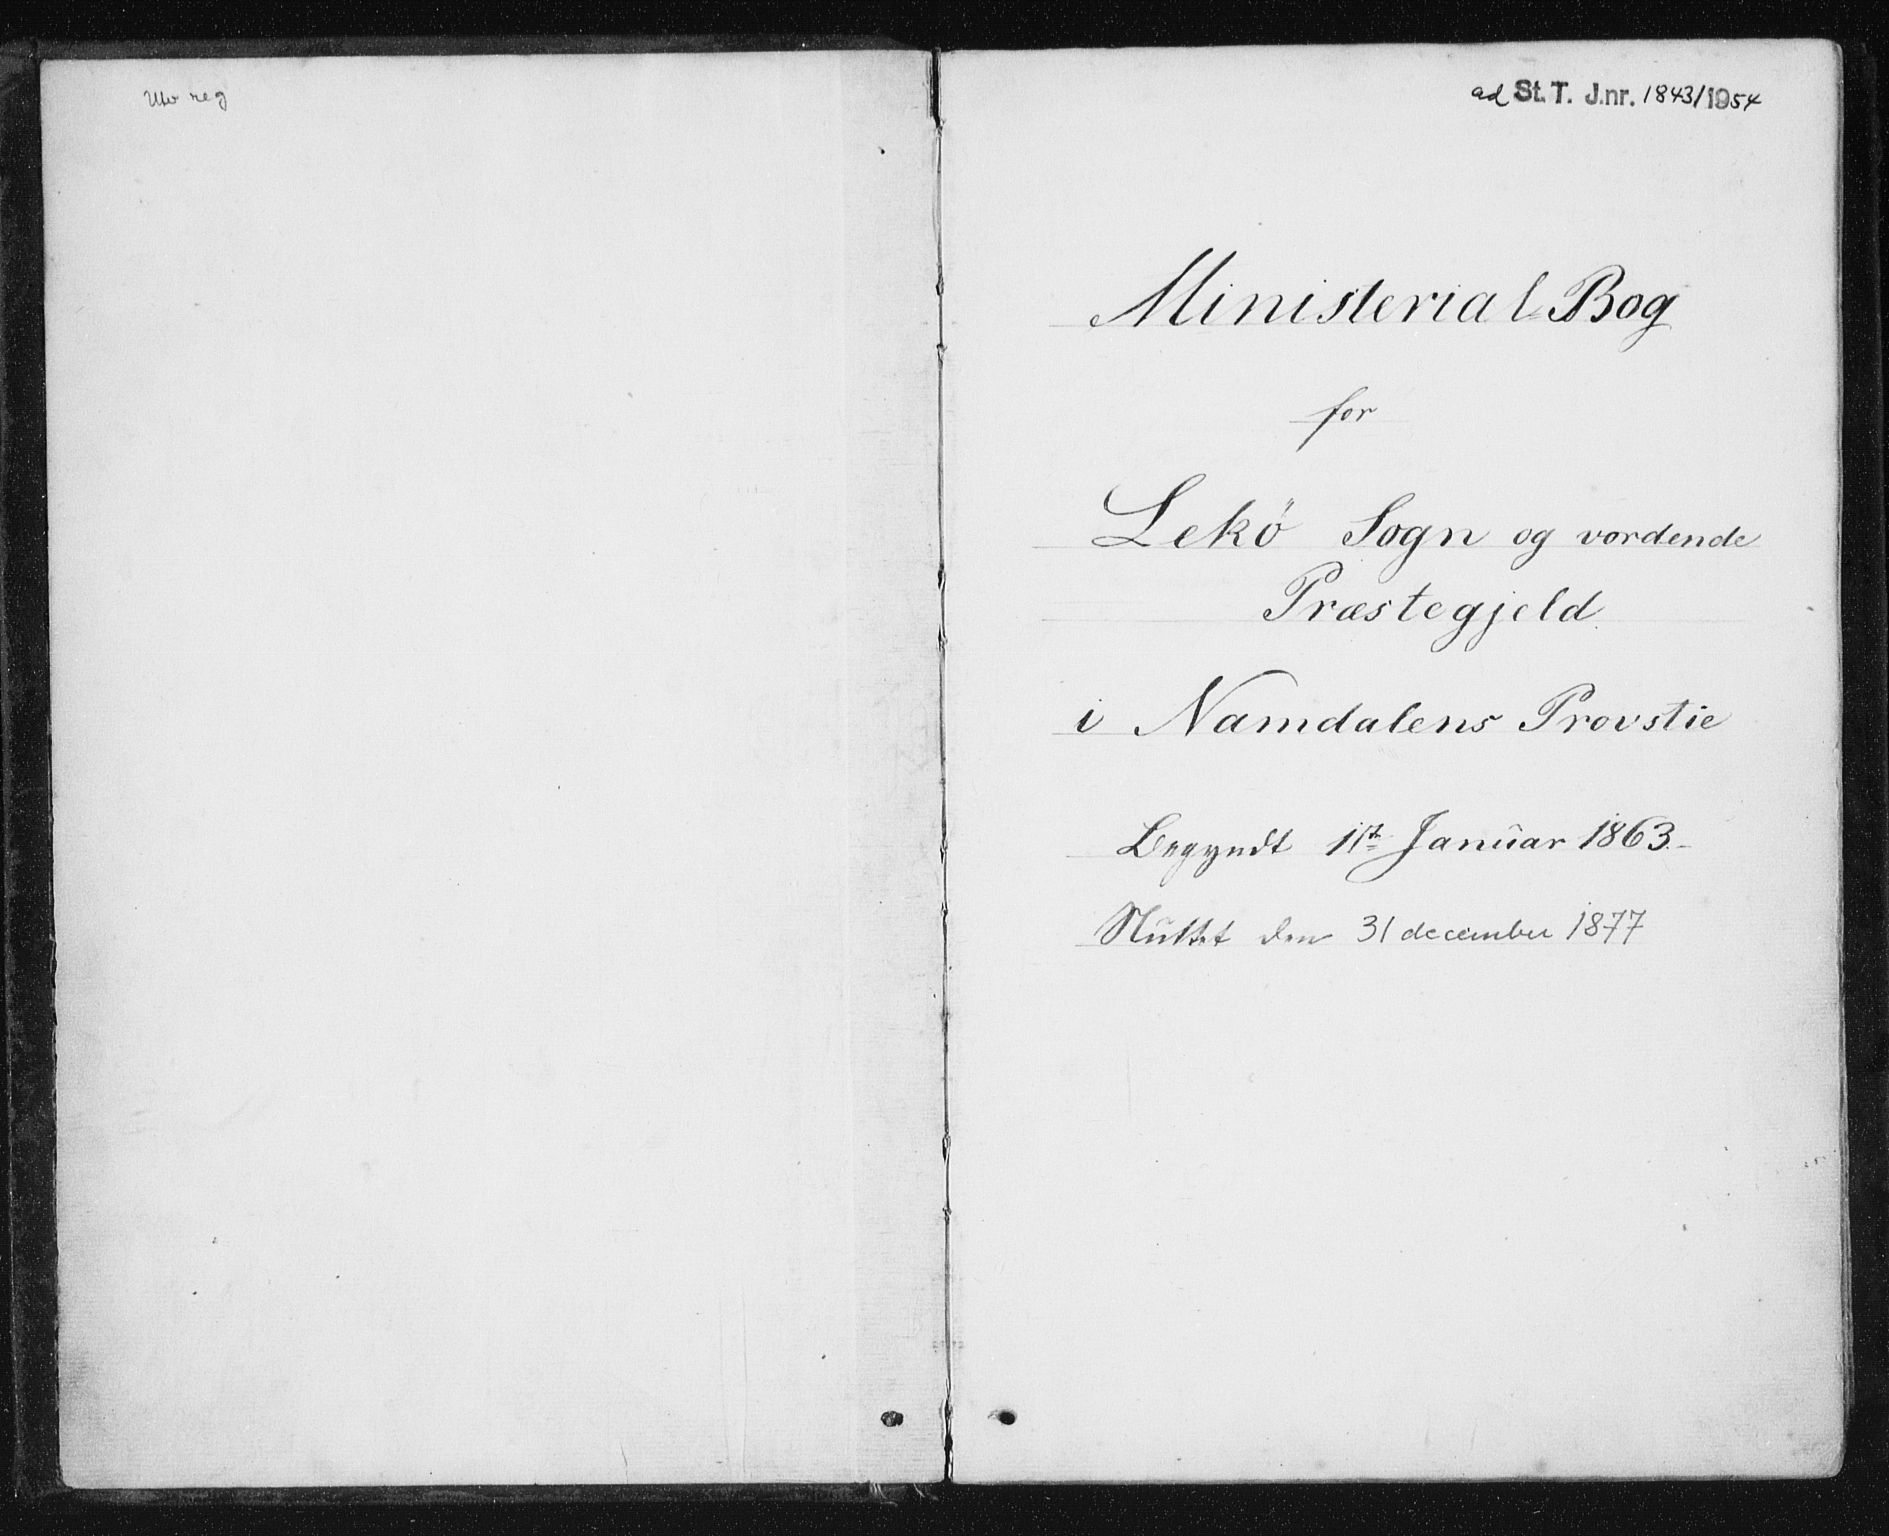 SAT, Ministerialprotokoller, klokkerbøker og fødselsregistre - Nord-Trøndelag, 788/L0696: Ministerialbok nr. 788A03, 1863-1877